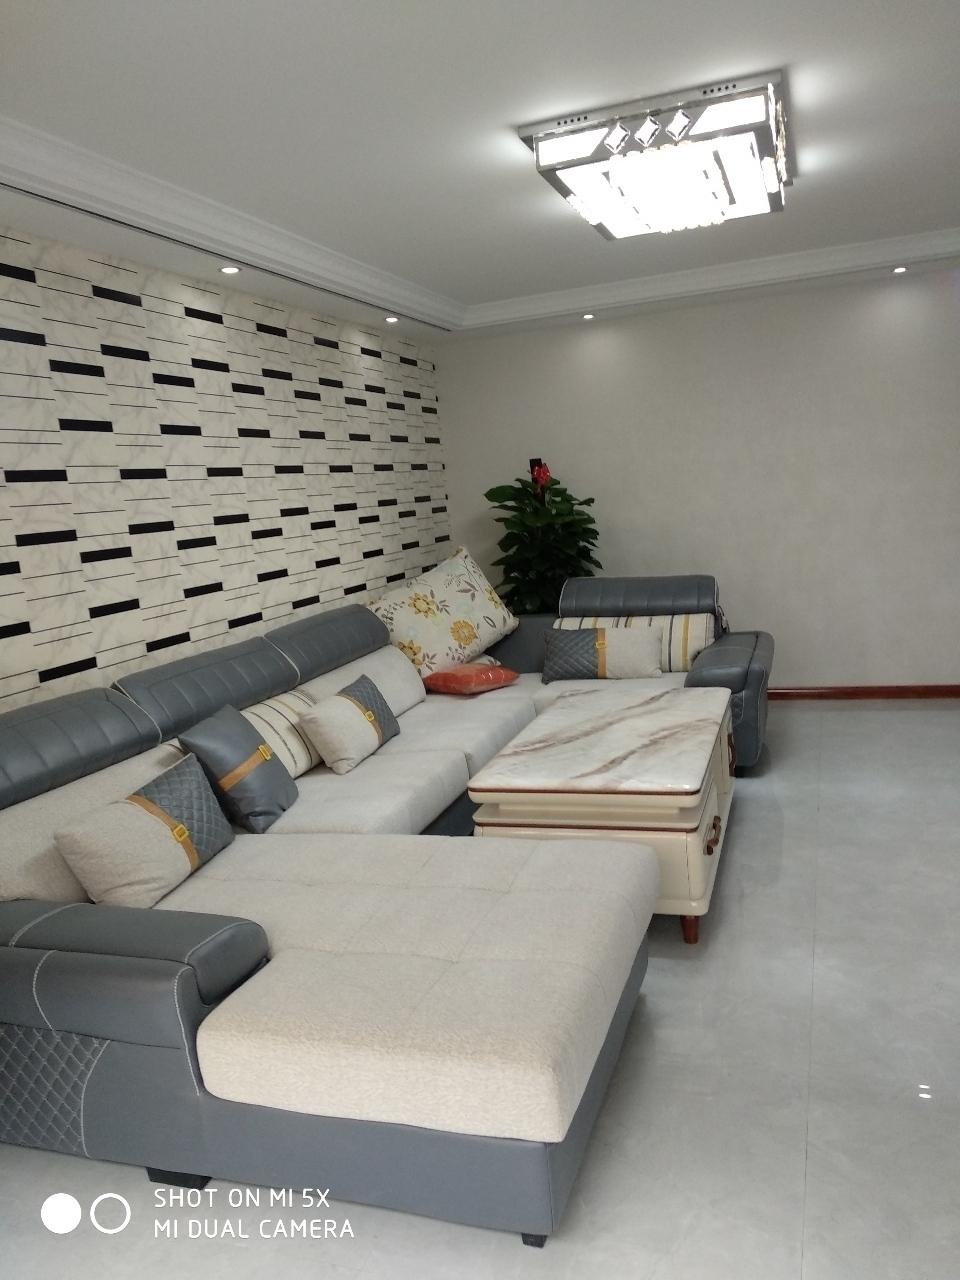 新世纪花园精装地暖房按揭3室 2厅 1卫53.8万元